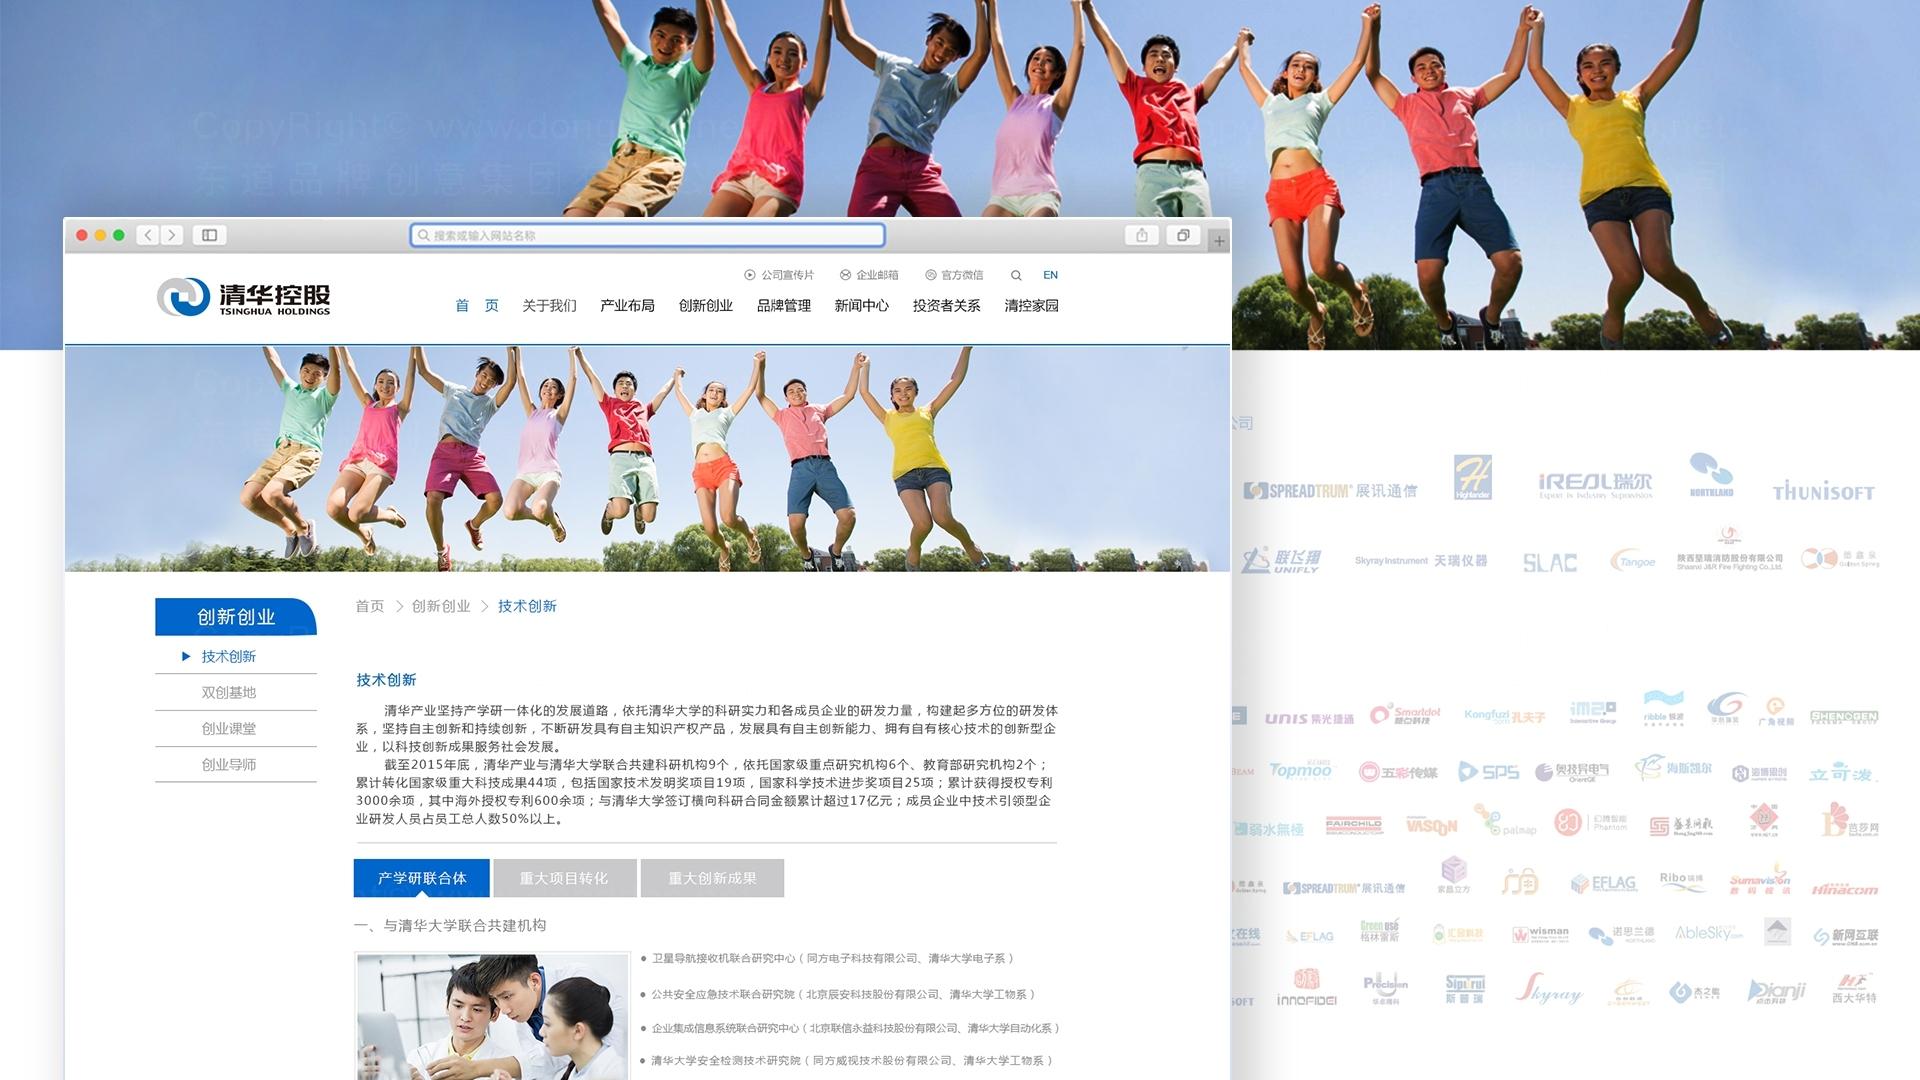 亚博APP数字清华控股网站设计应用场景_2